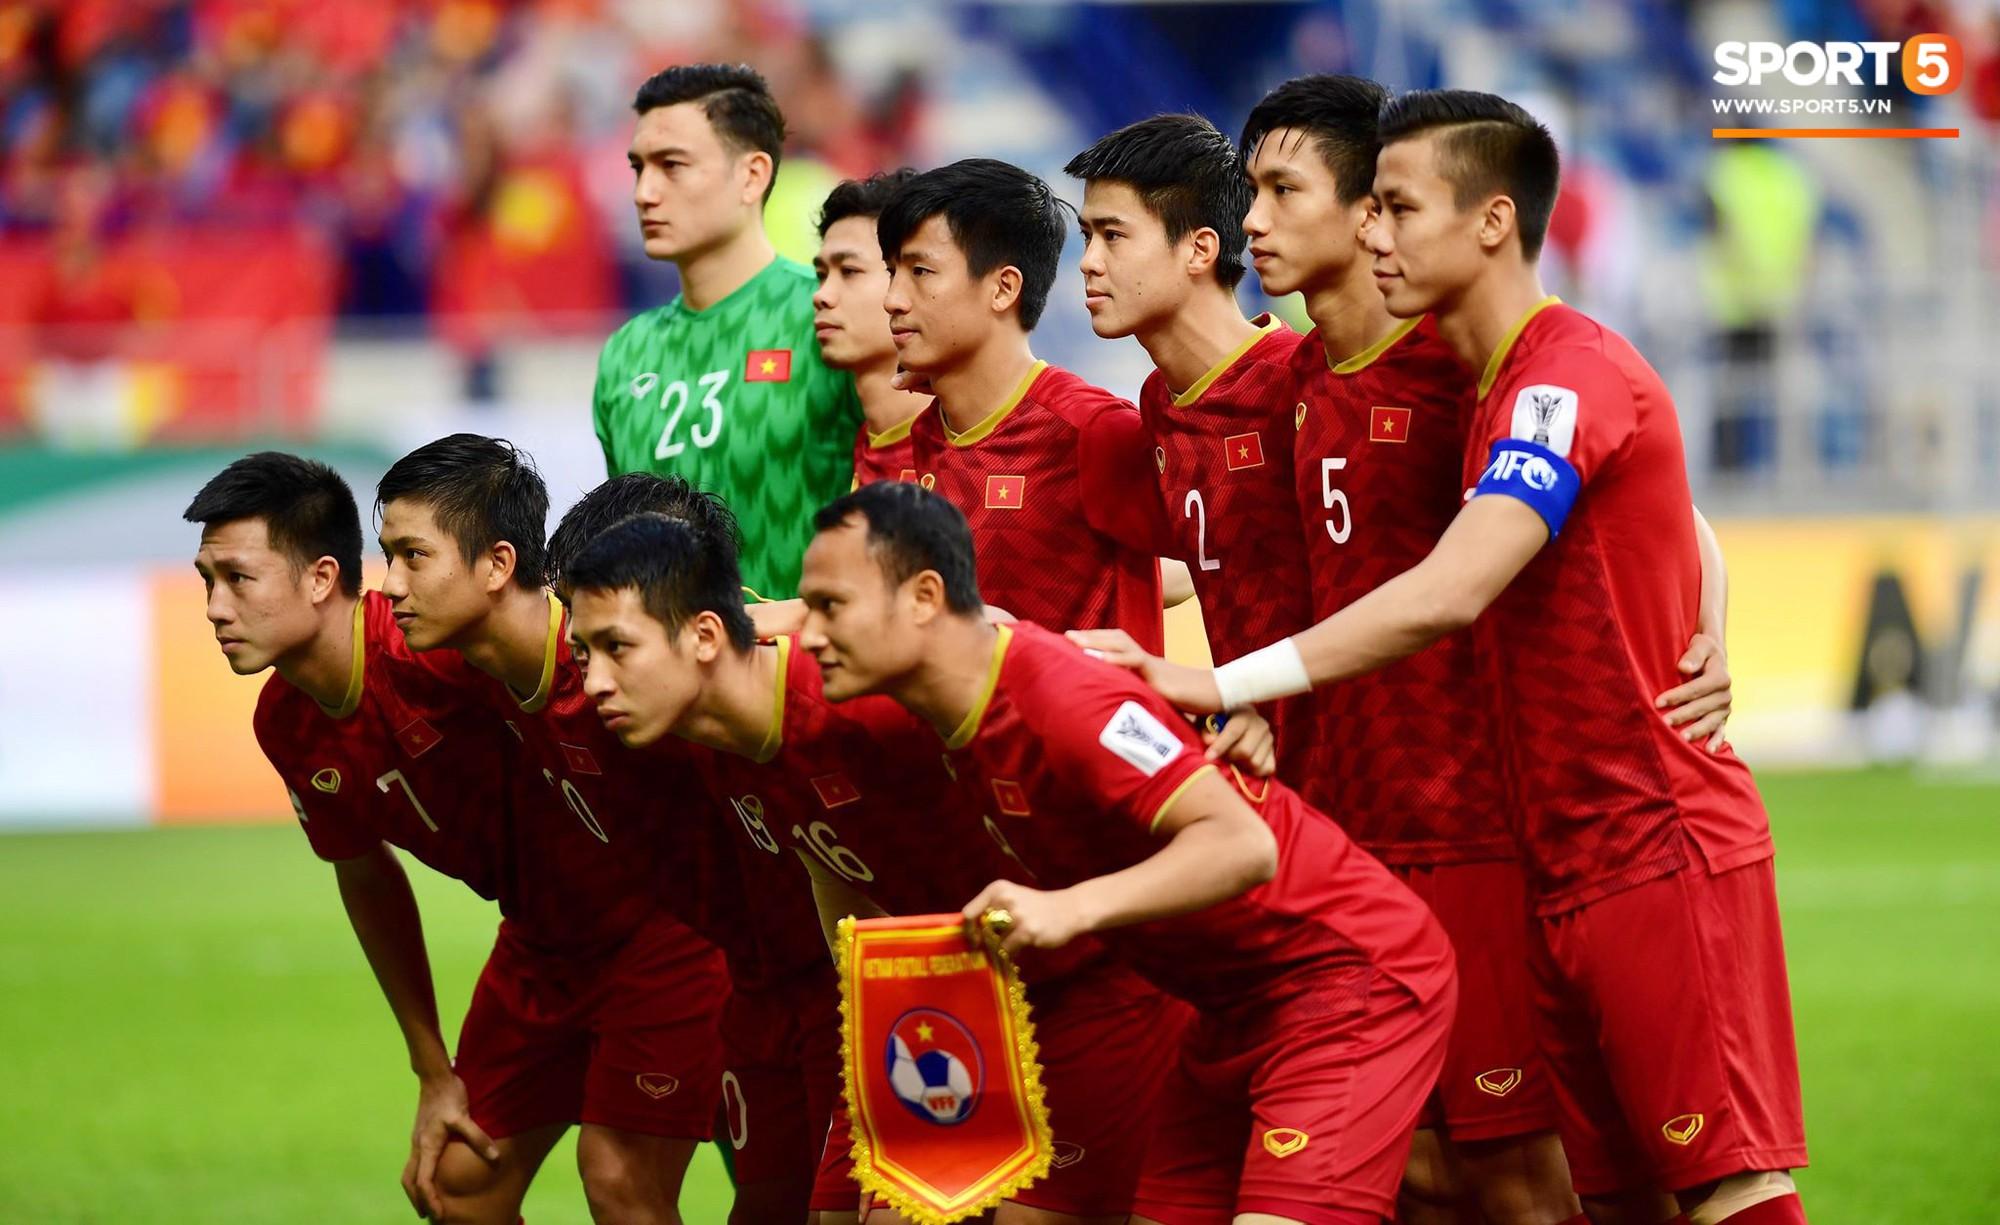 Đặng Văn Lâm và cuộc hành trình khó tin từ một cậu bé bị quên lãng trở thành thủ môn số 1 tuyển Việt Nam-7